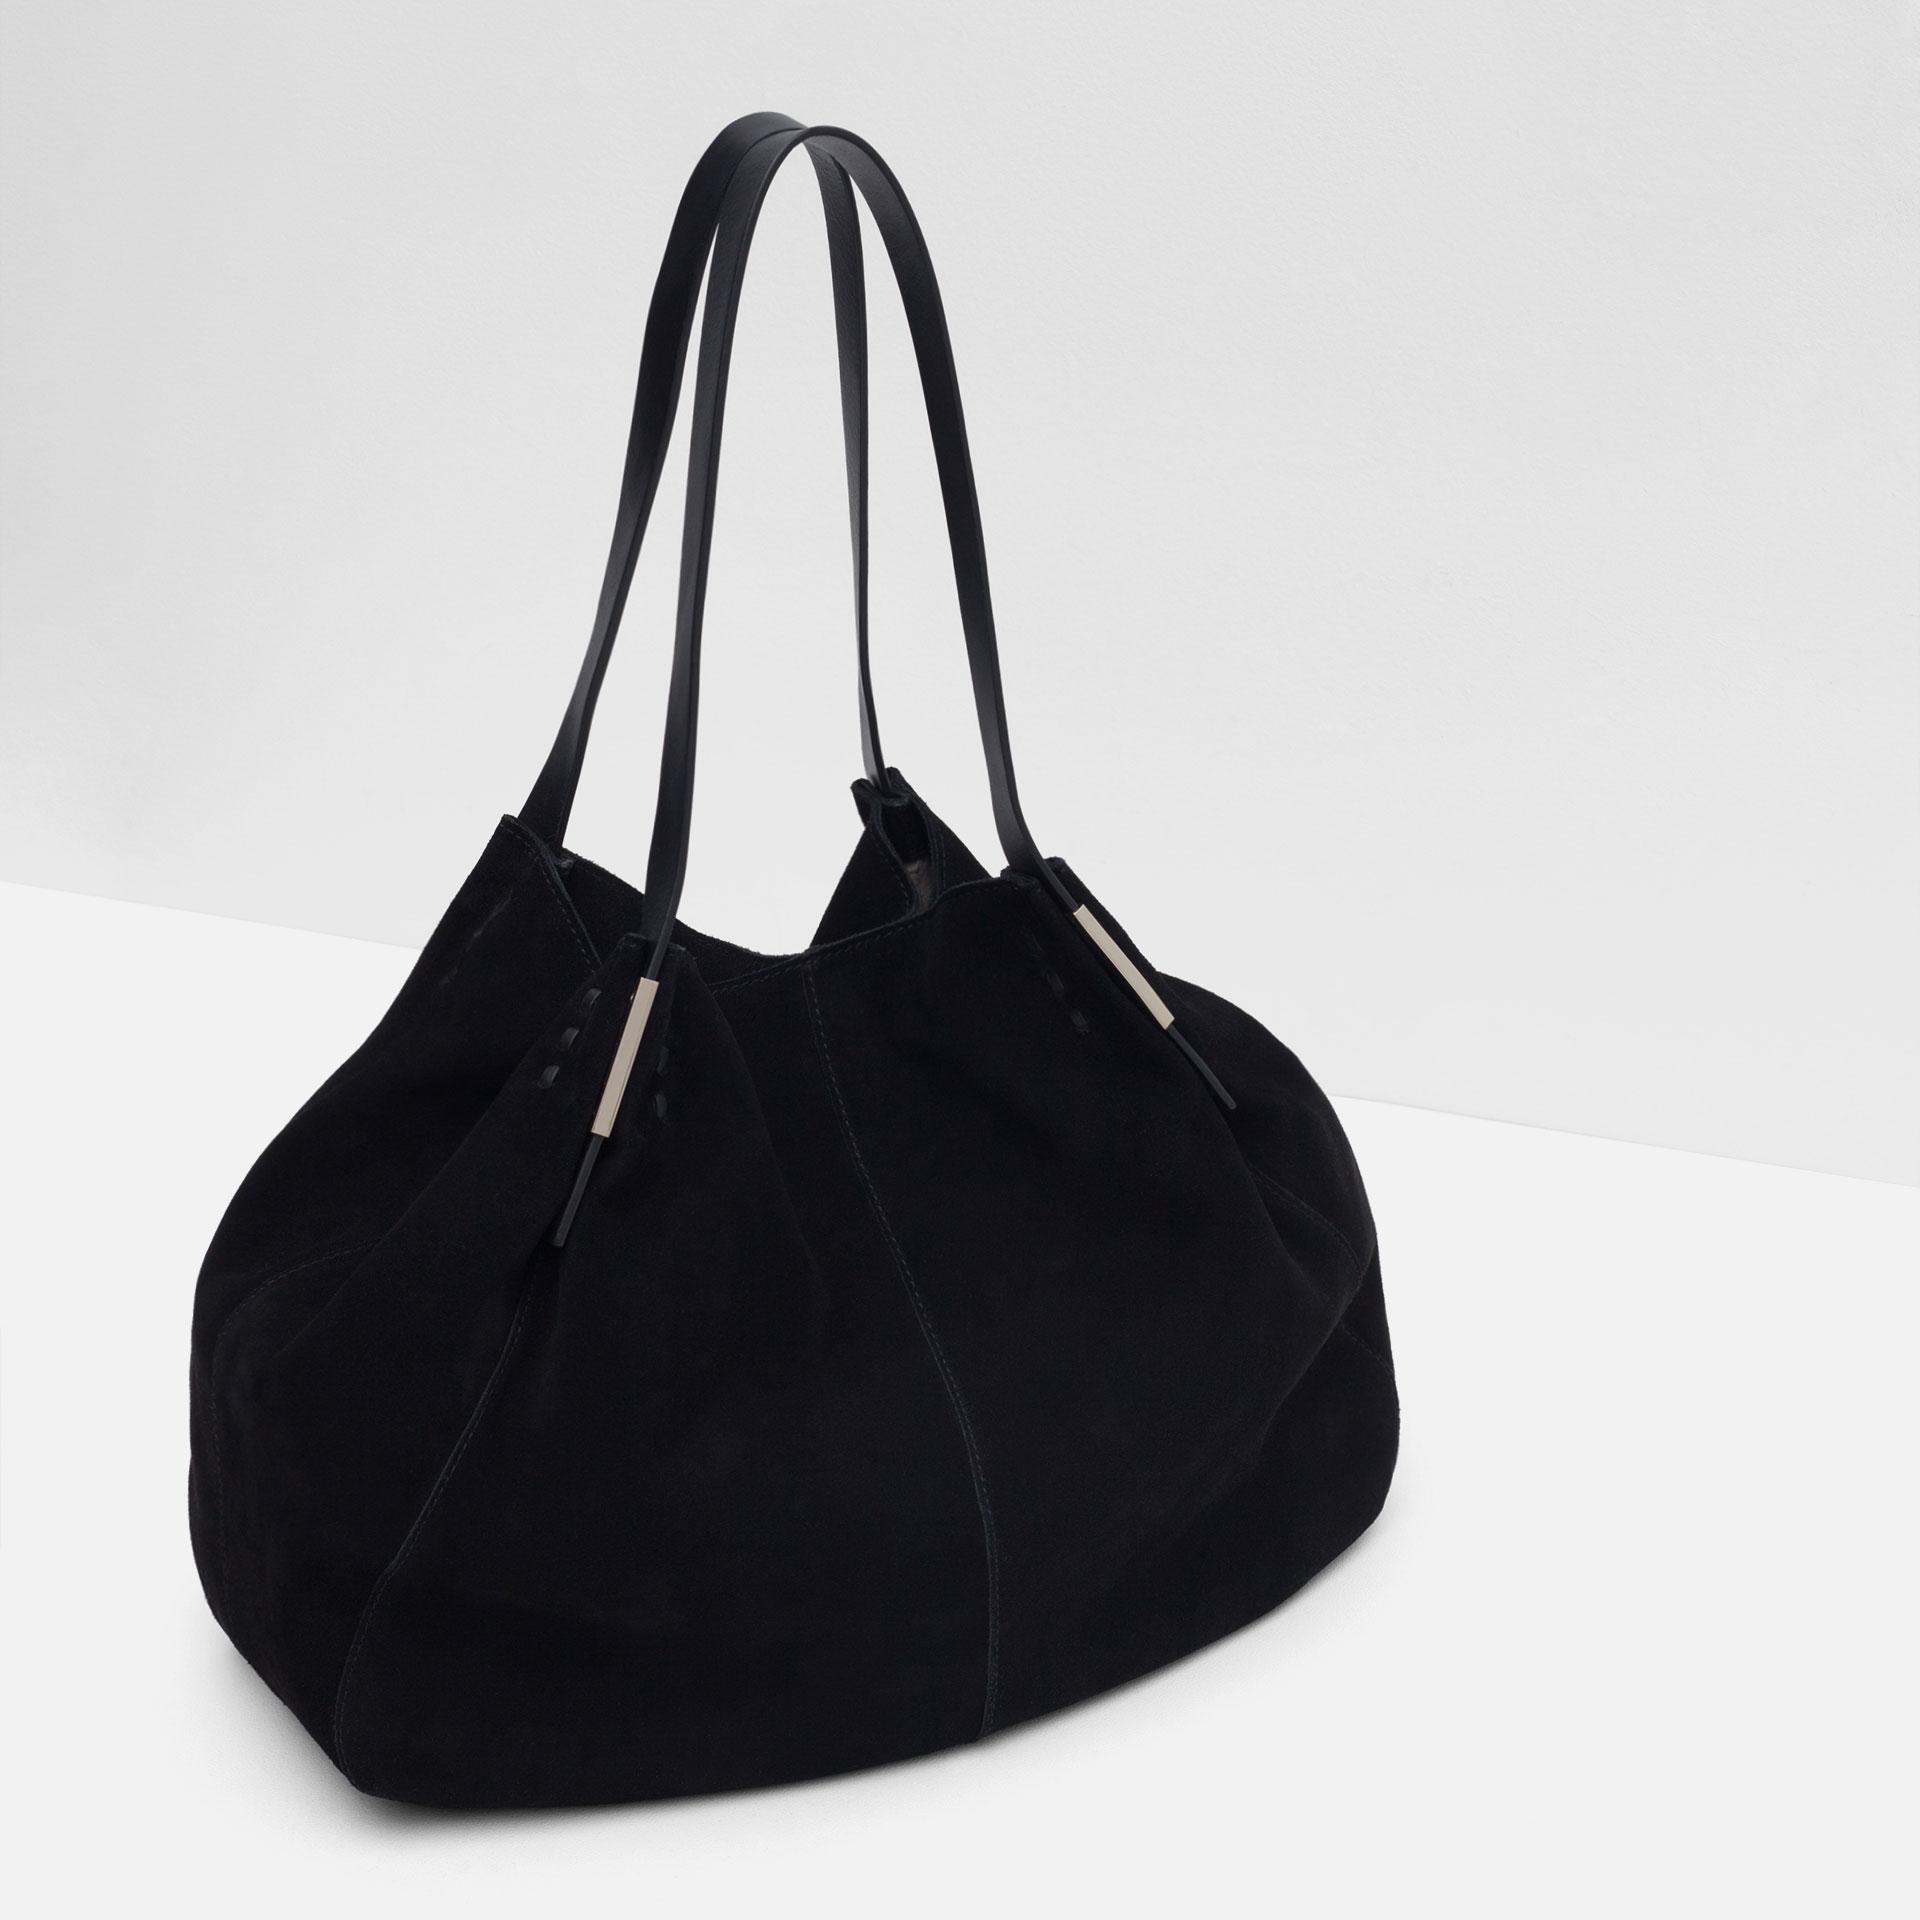 Black Suede Handbag - Mc Luggage